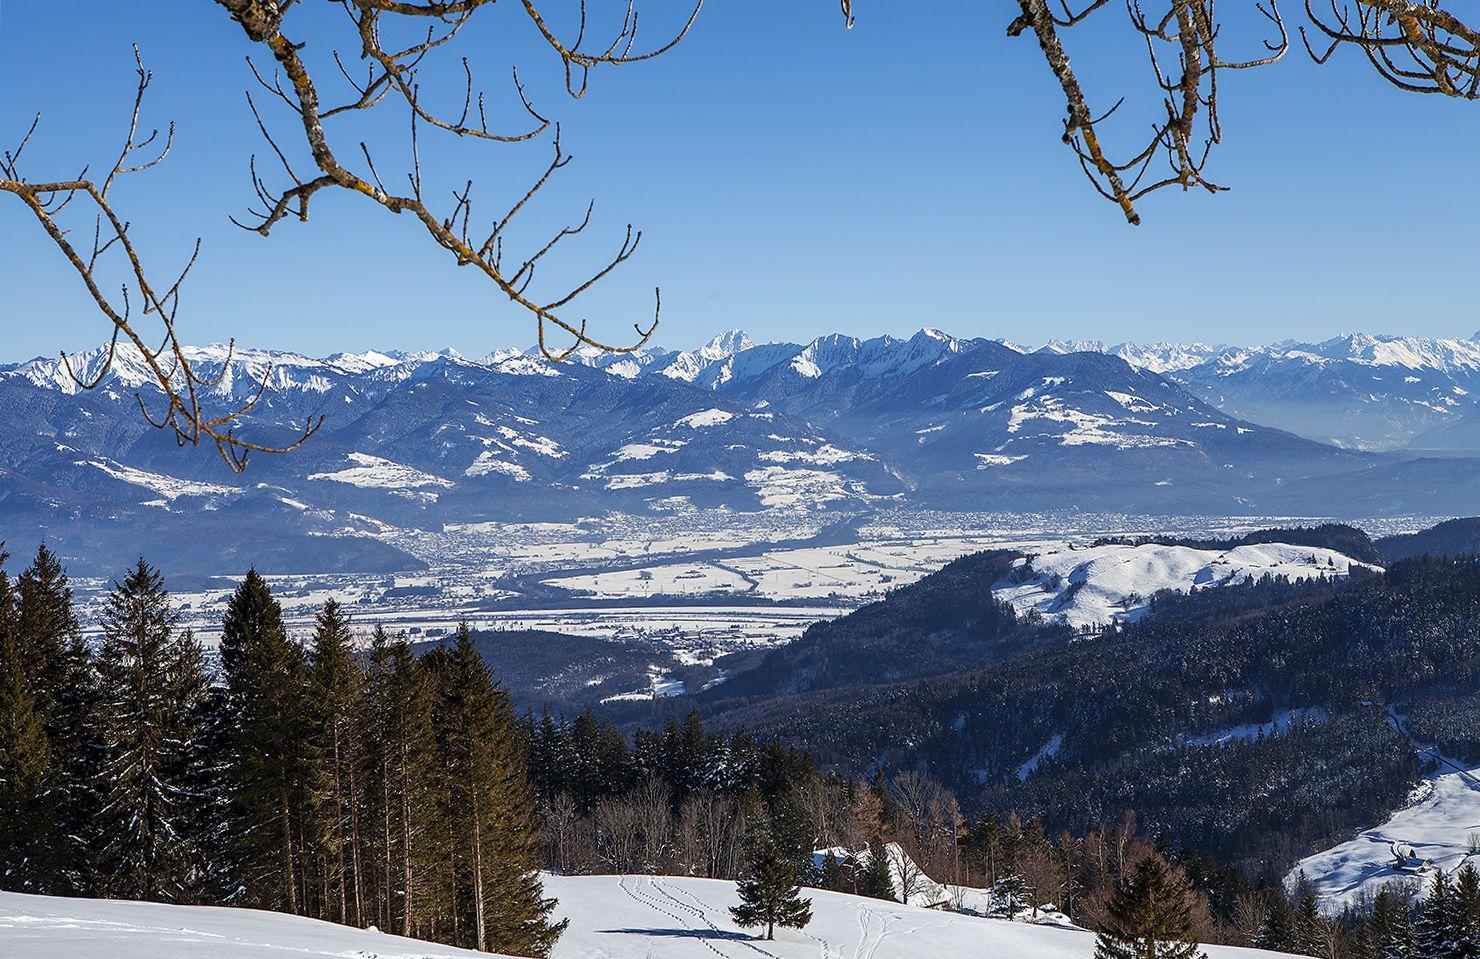 Gutes Wetter grossartige Sicht und ein überwältigendes Panorama, so kann es auf dem Hirschberg sein - und dann hat es einen Mordsbetrieb